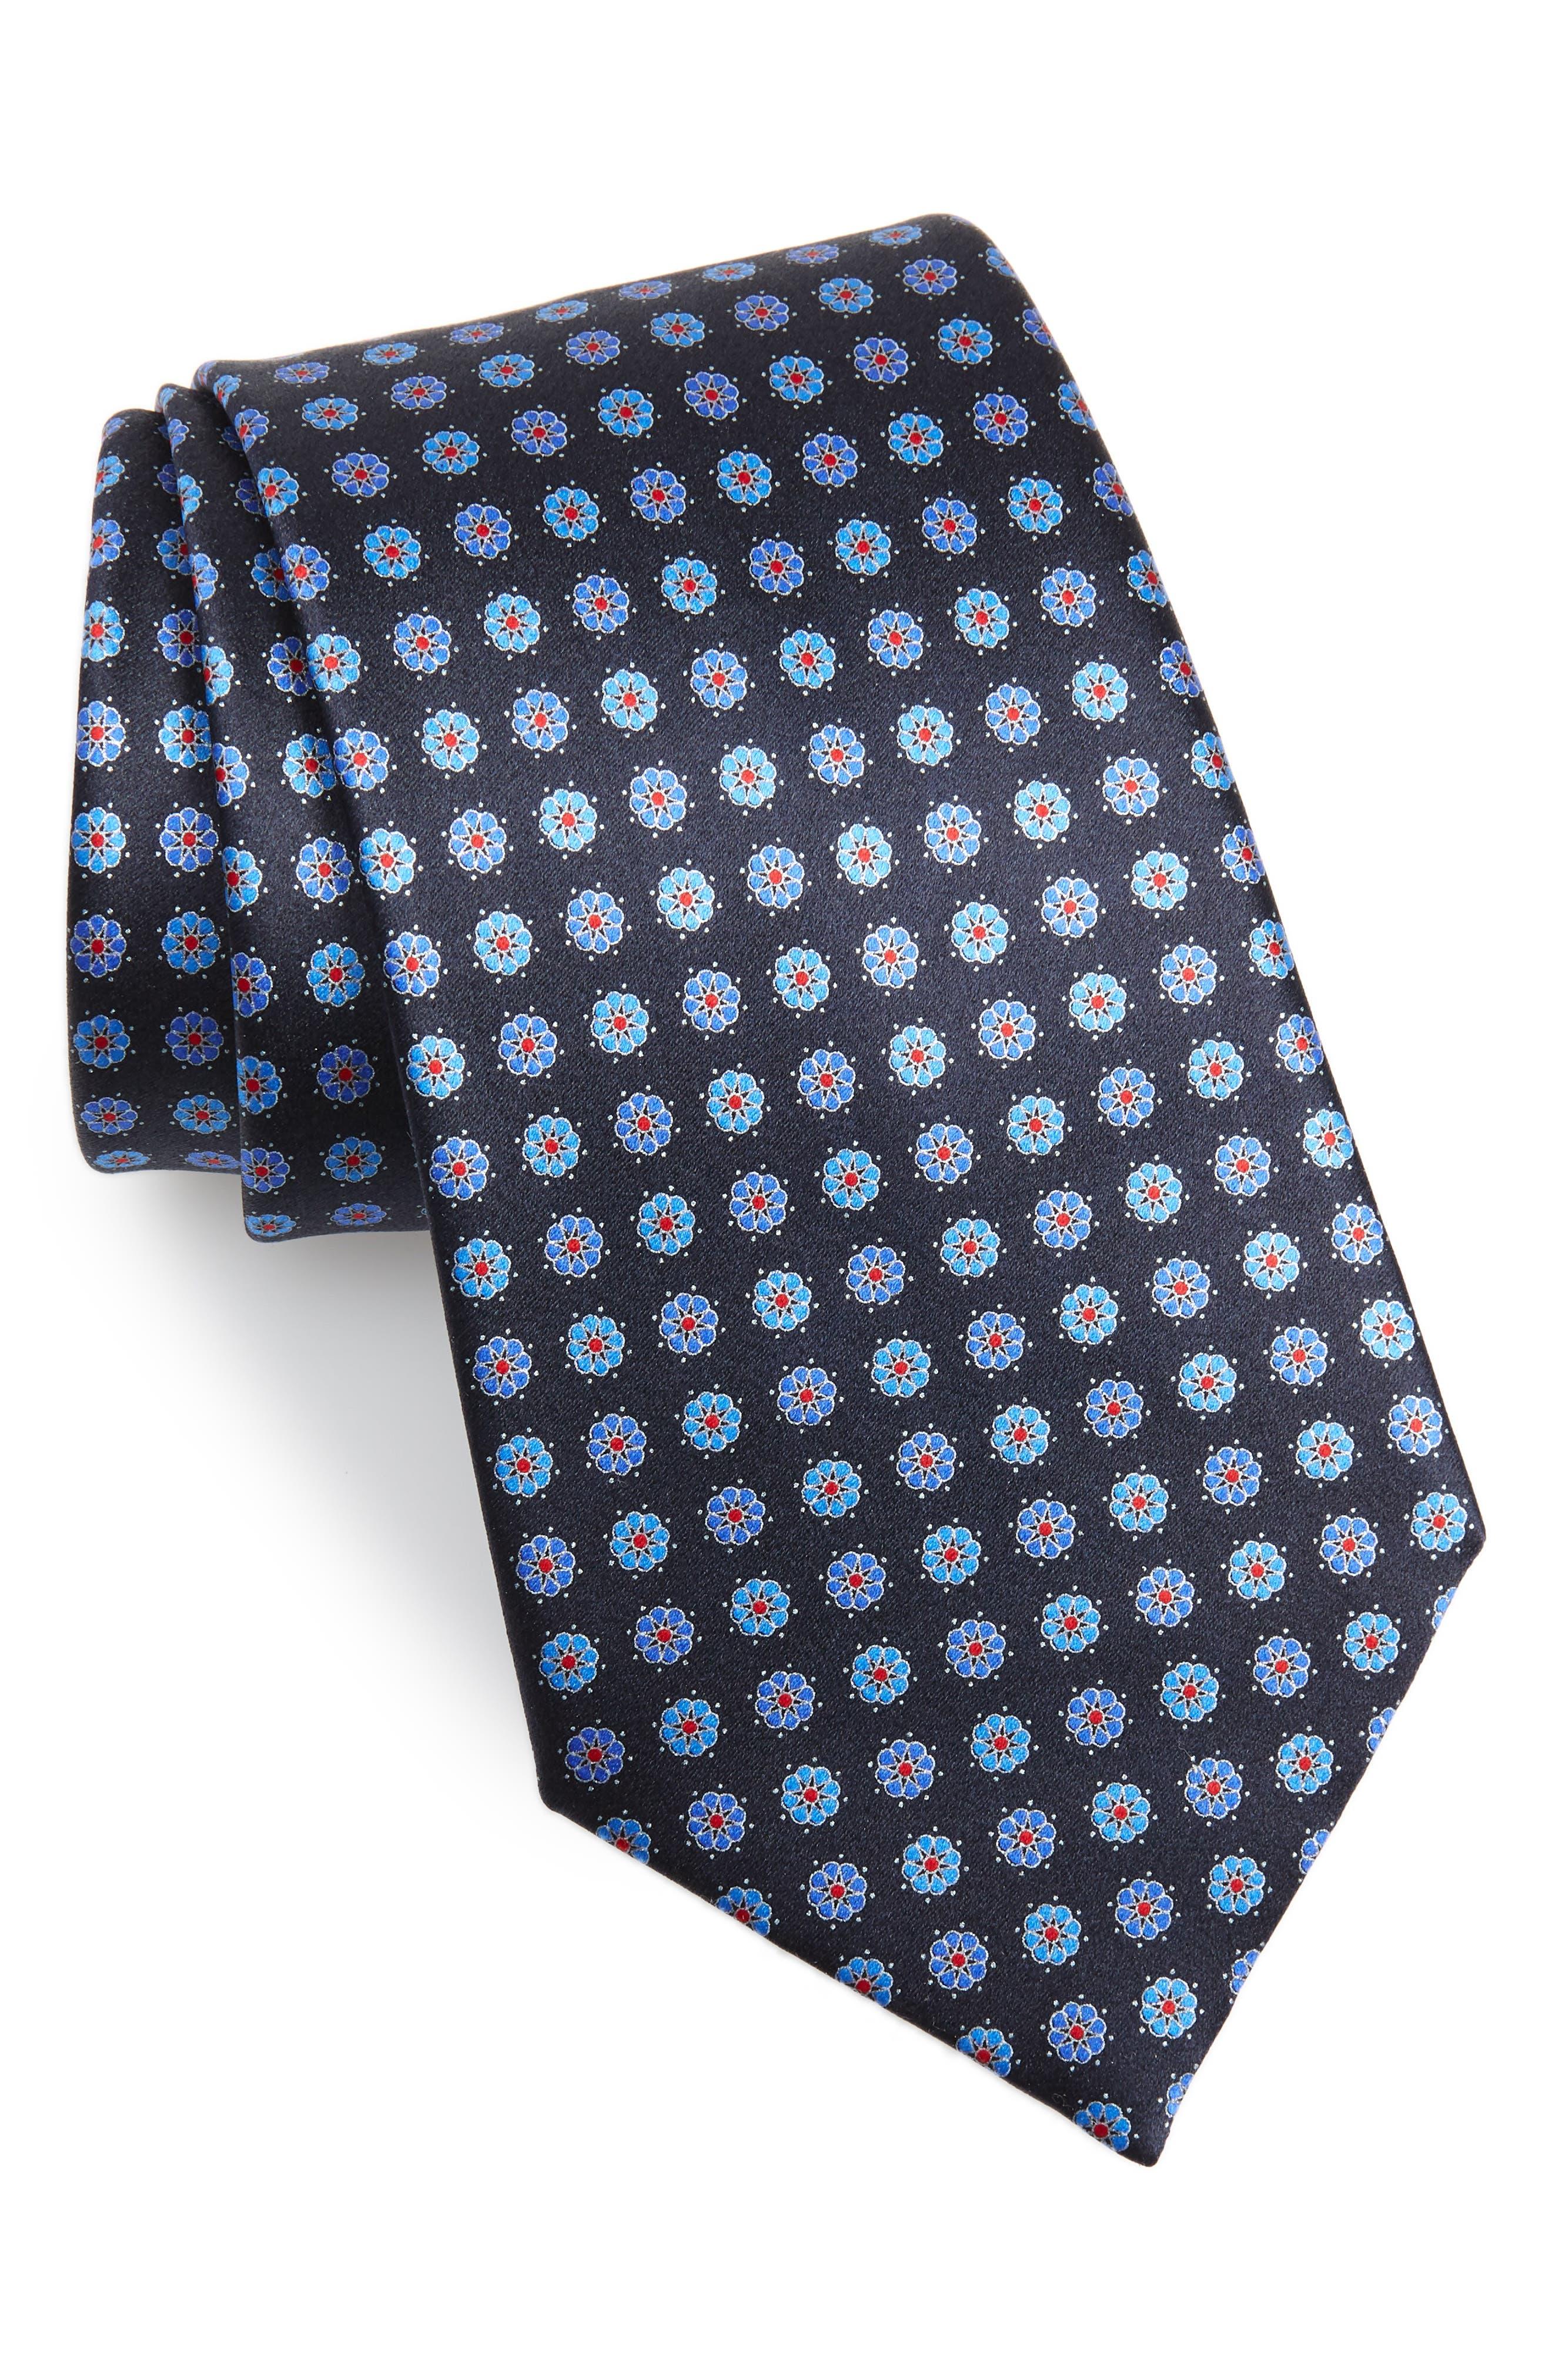 ERMENEGILDO ZEGNA Floral Silk Tie, Main, color, BLUE